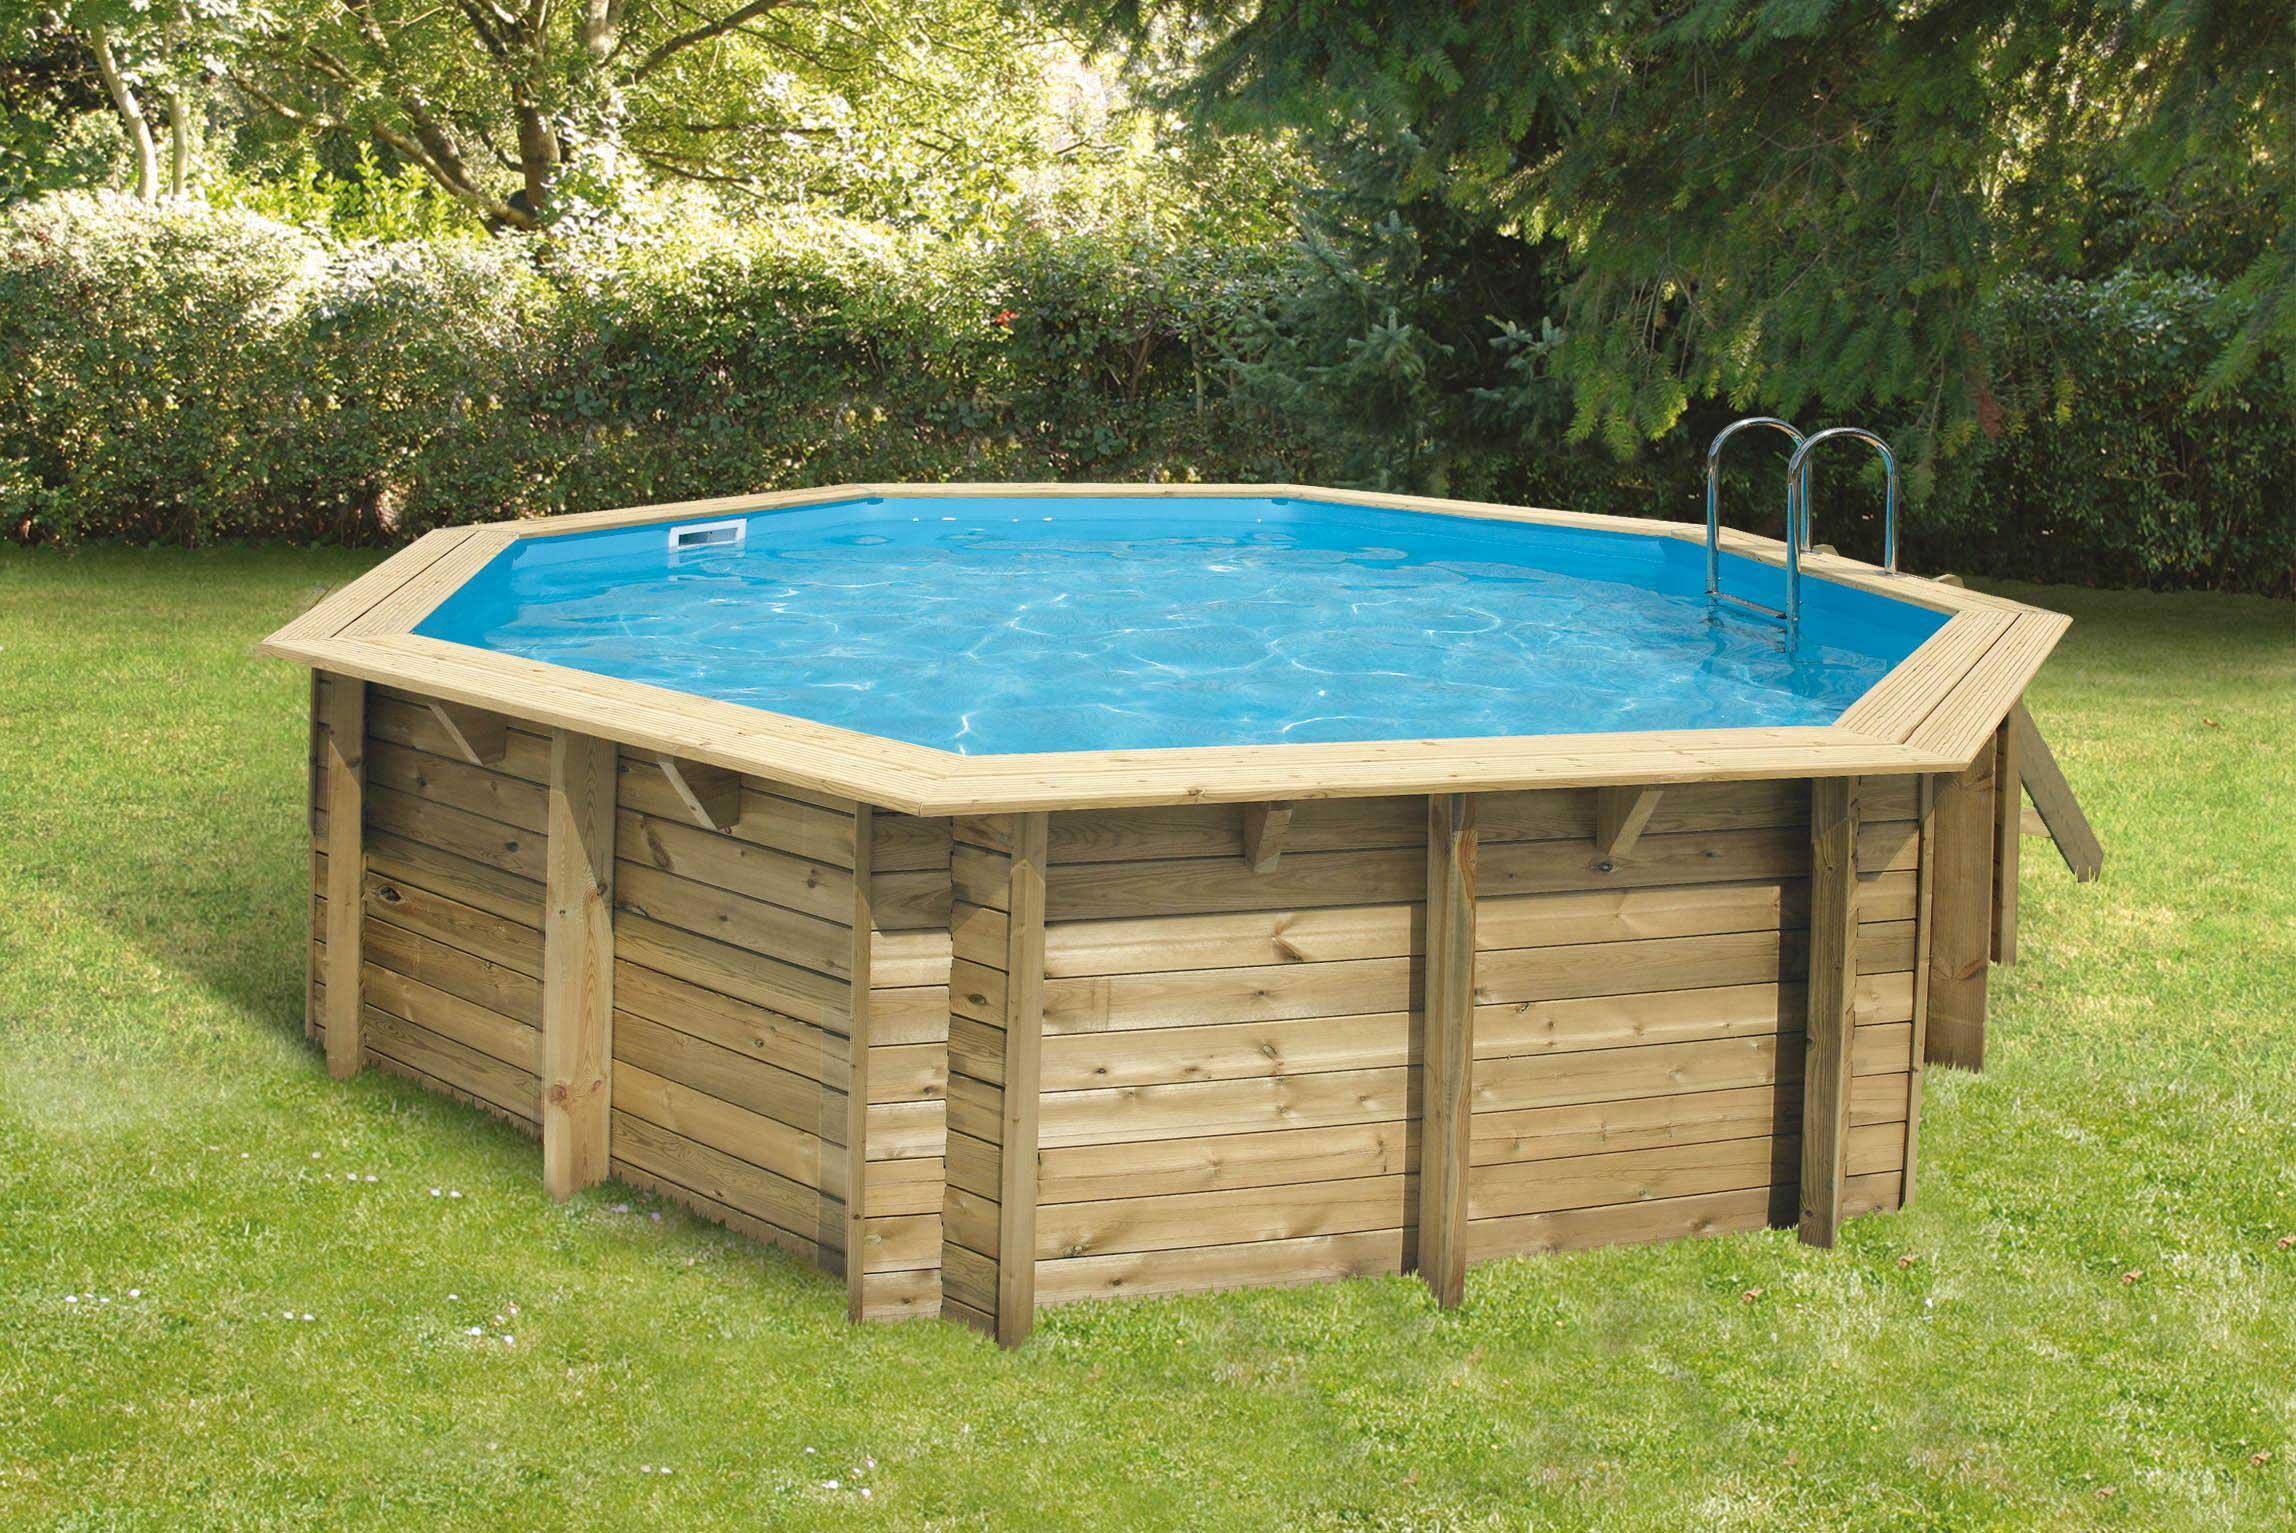 Piscine hors sol en bois arts et voyages for Recherche piscine hors sol